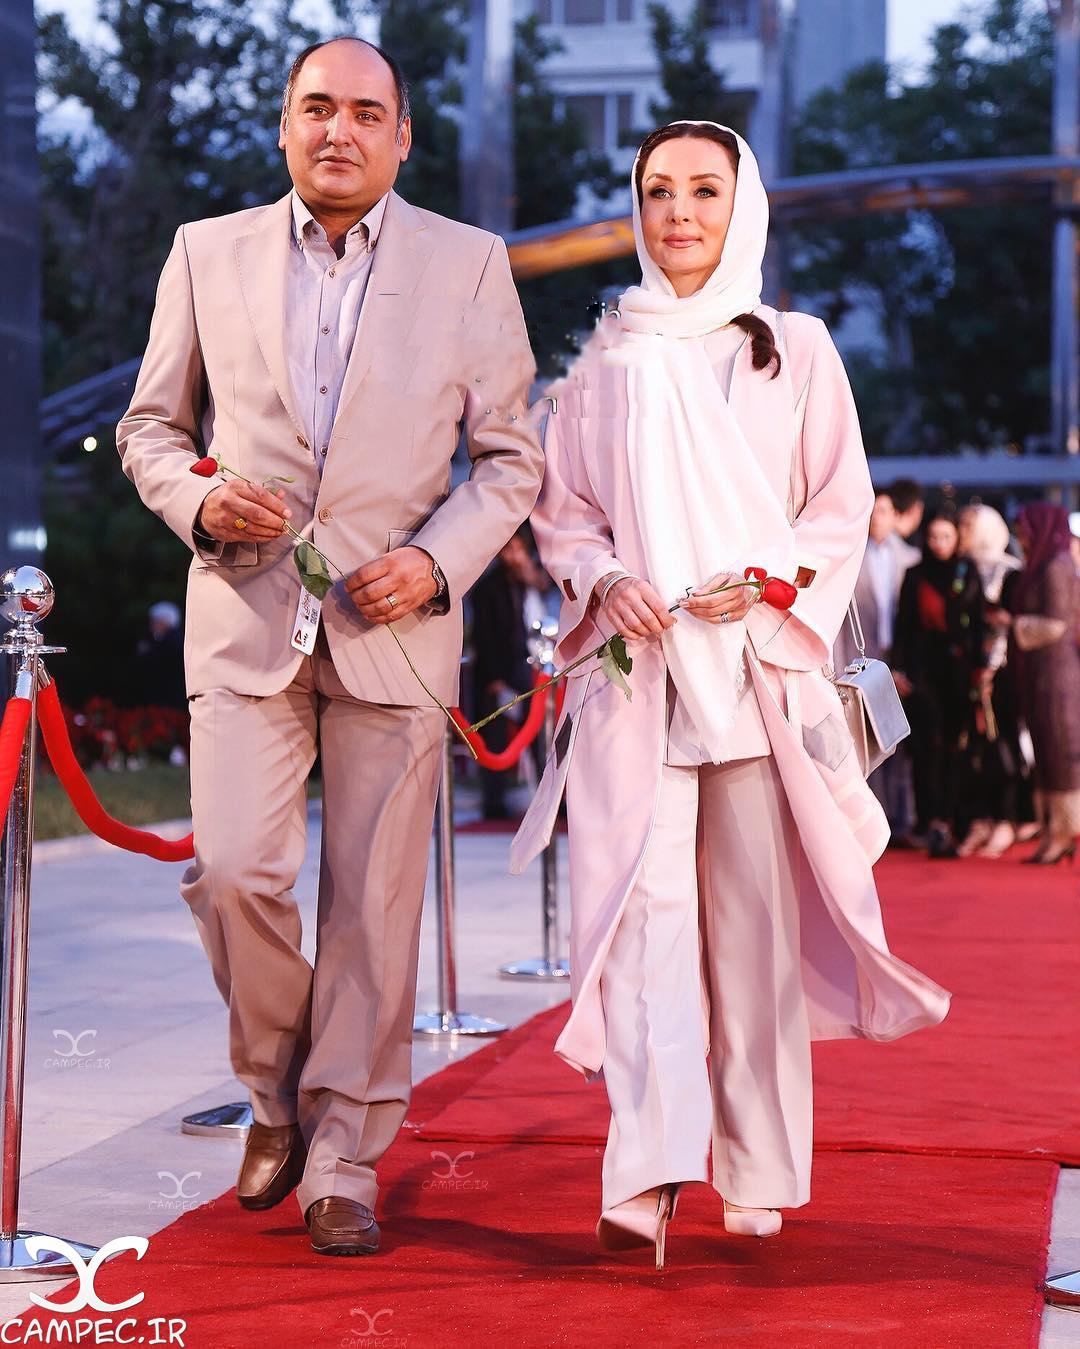 حدیث فولادوند با همسرش رامبد شکرآبی در جشن حافظ